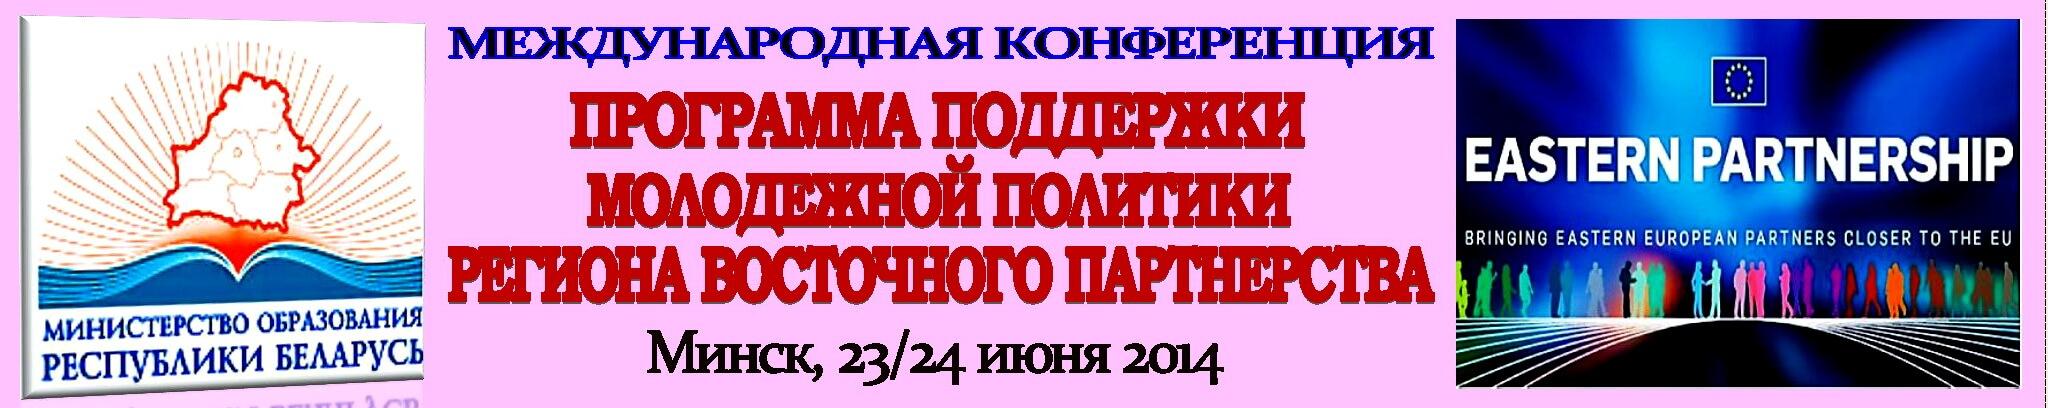 Конференция Минобразования-2014 Баннер